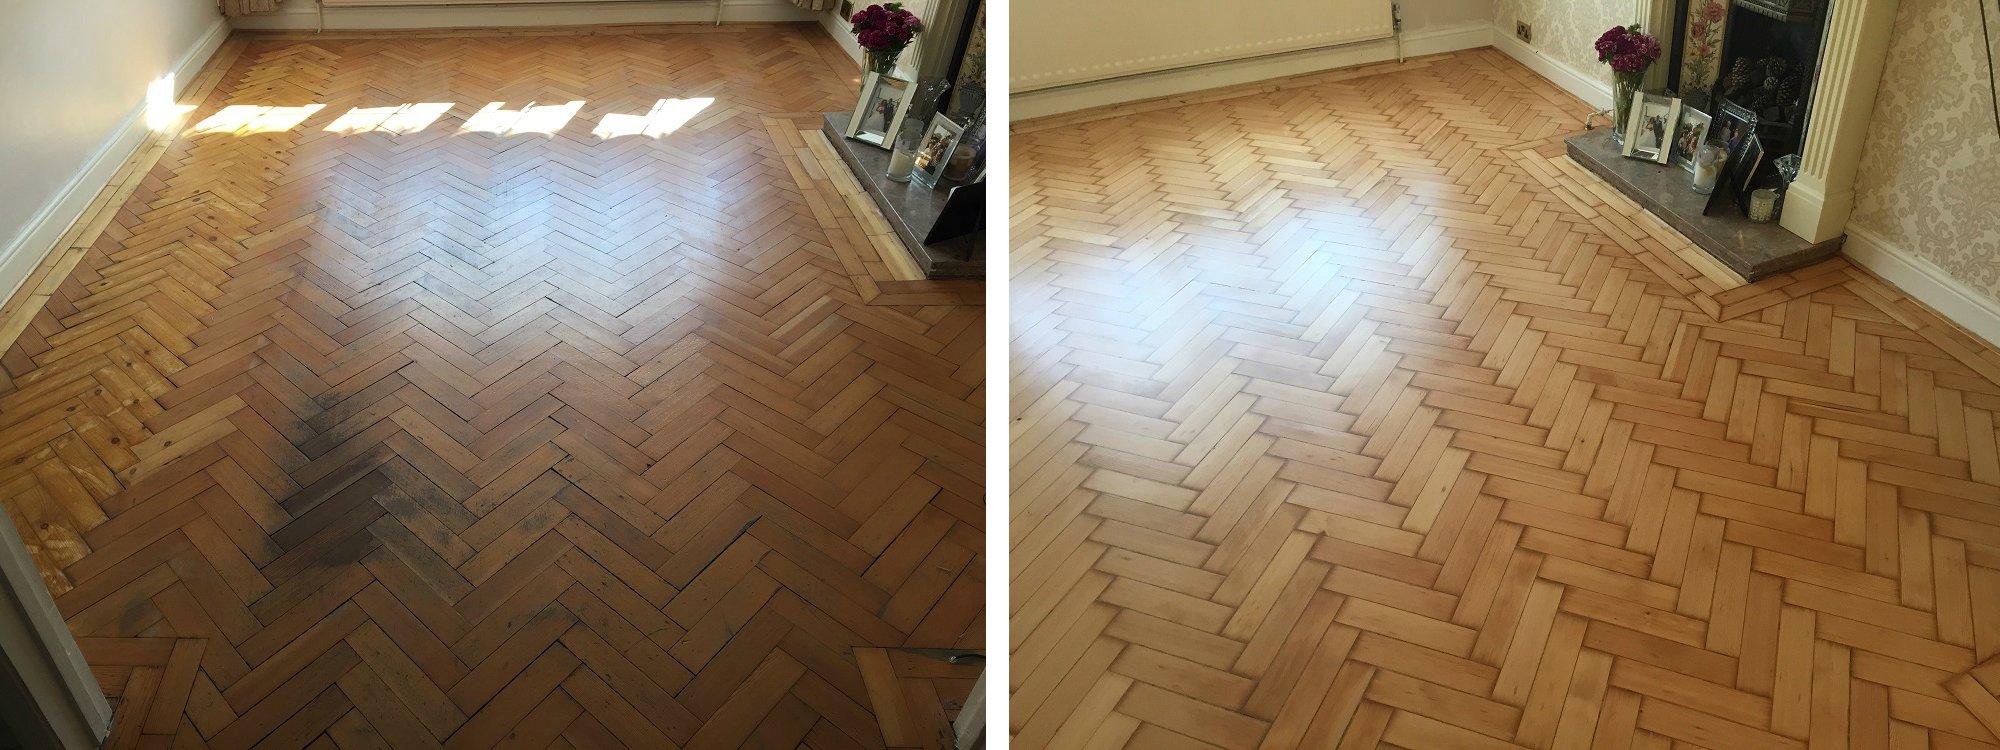 Restoring a parquet floor meze blog for Wood floor repair specialist